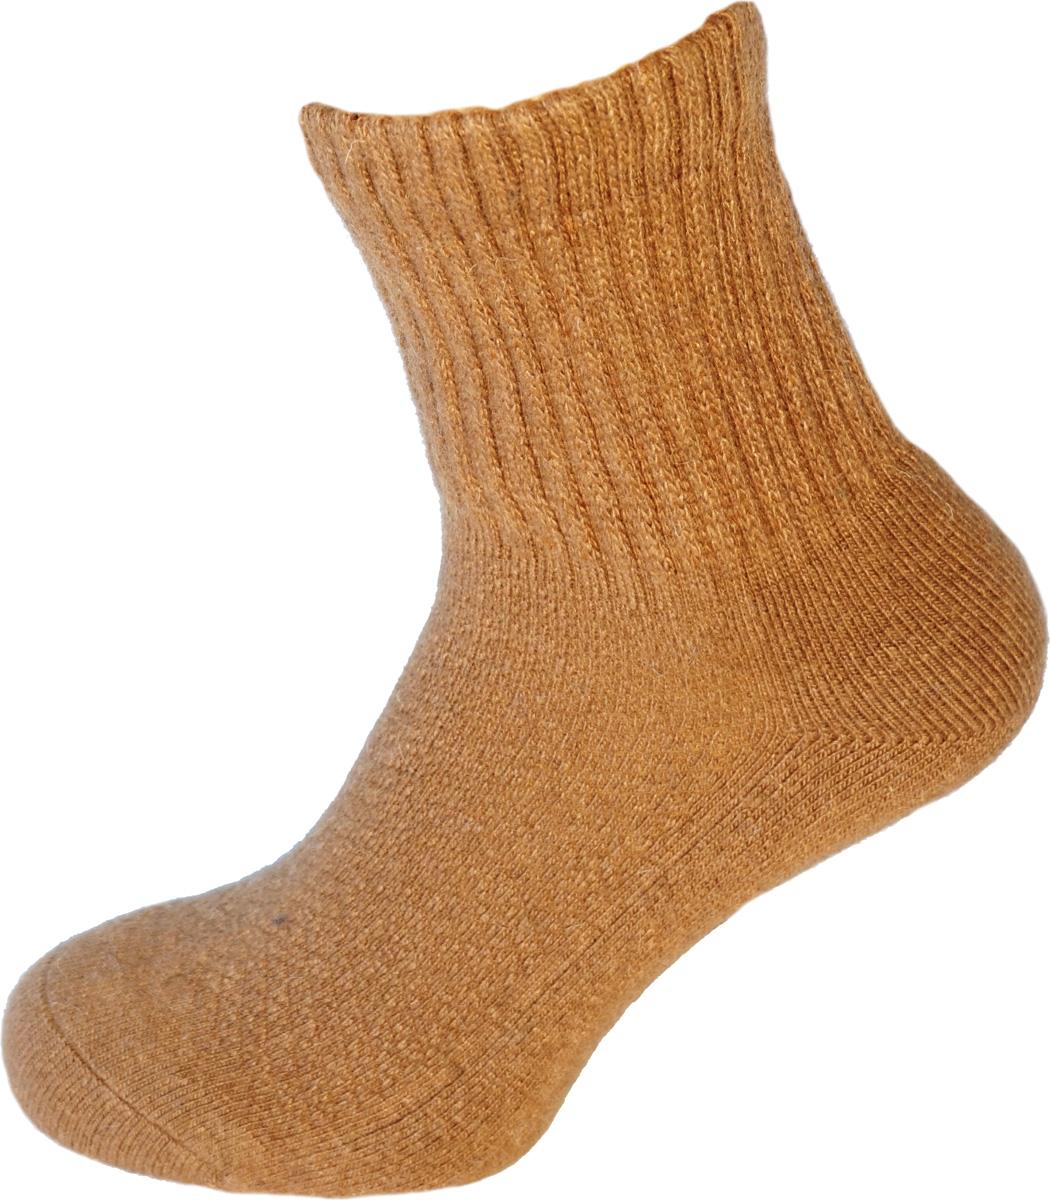 Термоноски BG Camel Wool, цвет: светло-коричневый. 825579_2. Размер 45/46825579_2Термоноски Camel Wool, выполненные из верблюжьей шерсти с добавлением вискозы, обладают высокой гигроскопичностью, препятствуют переохлаждению и перегреву стоп. Подходят для чувствительной кожи, улучшают циркуляцию крови. Отличаются высокой износостойкостью.